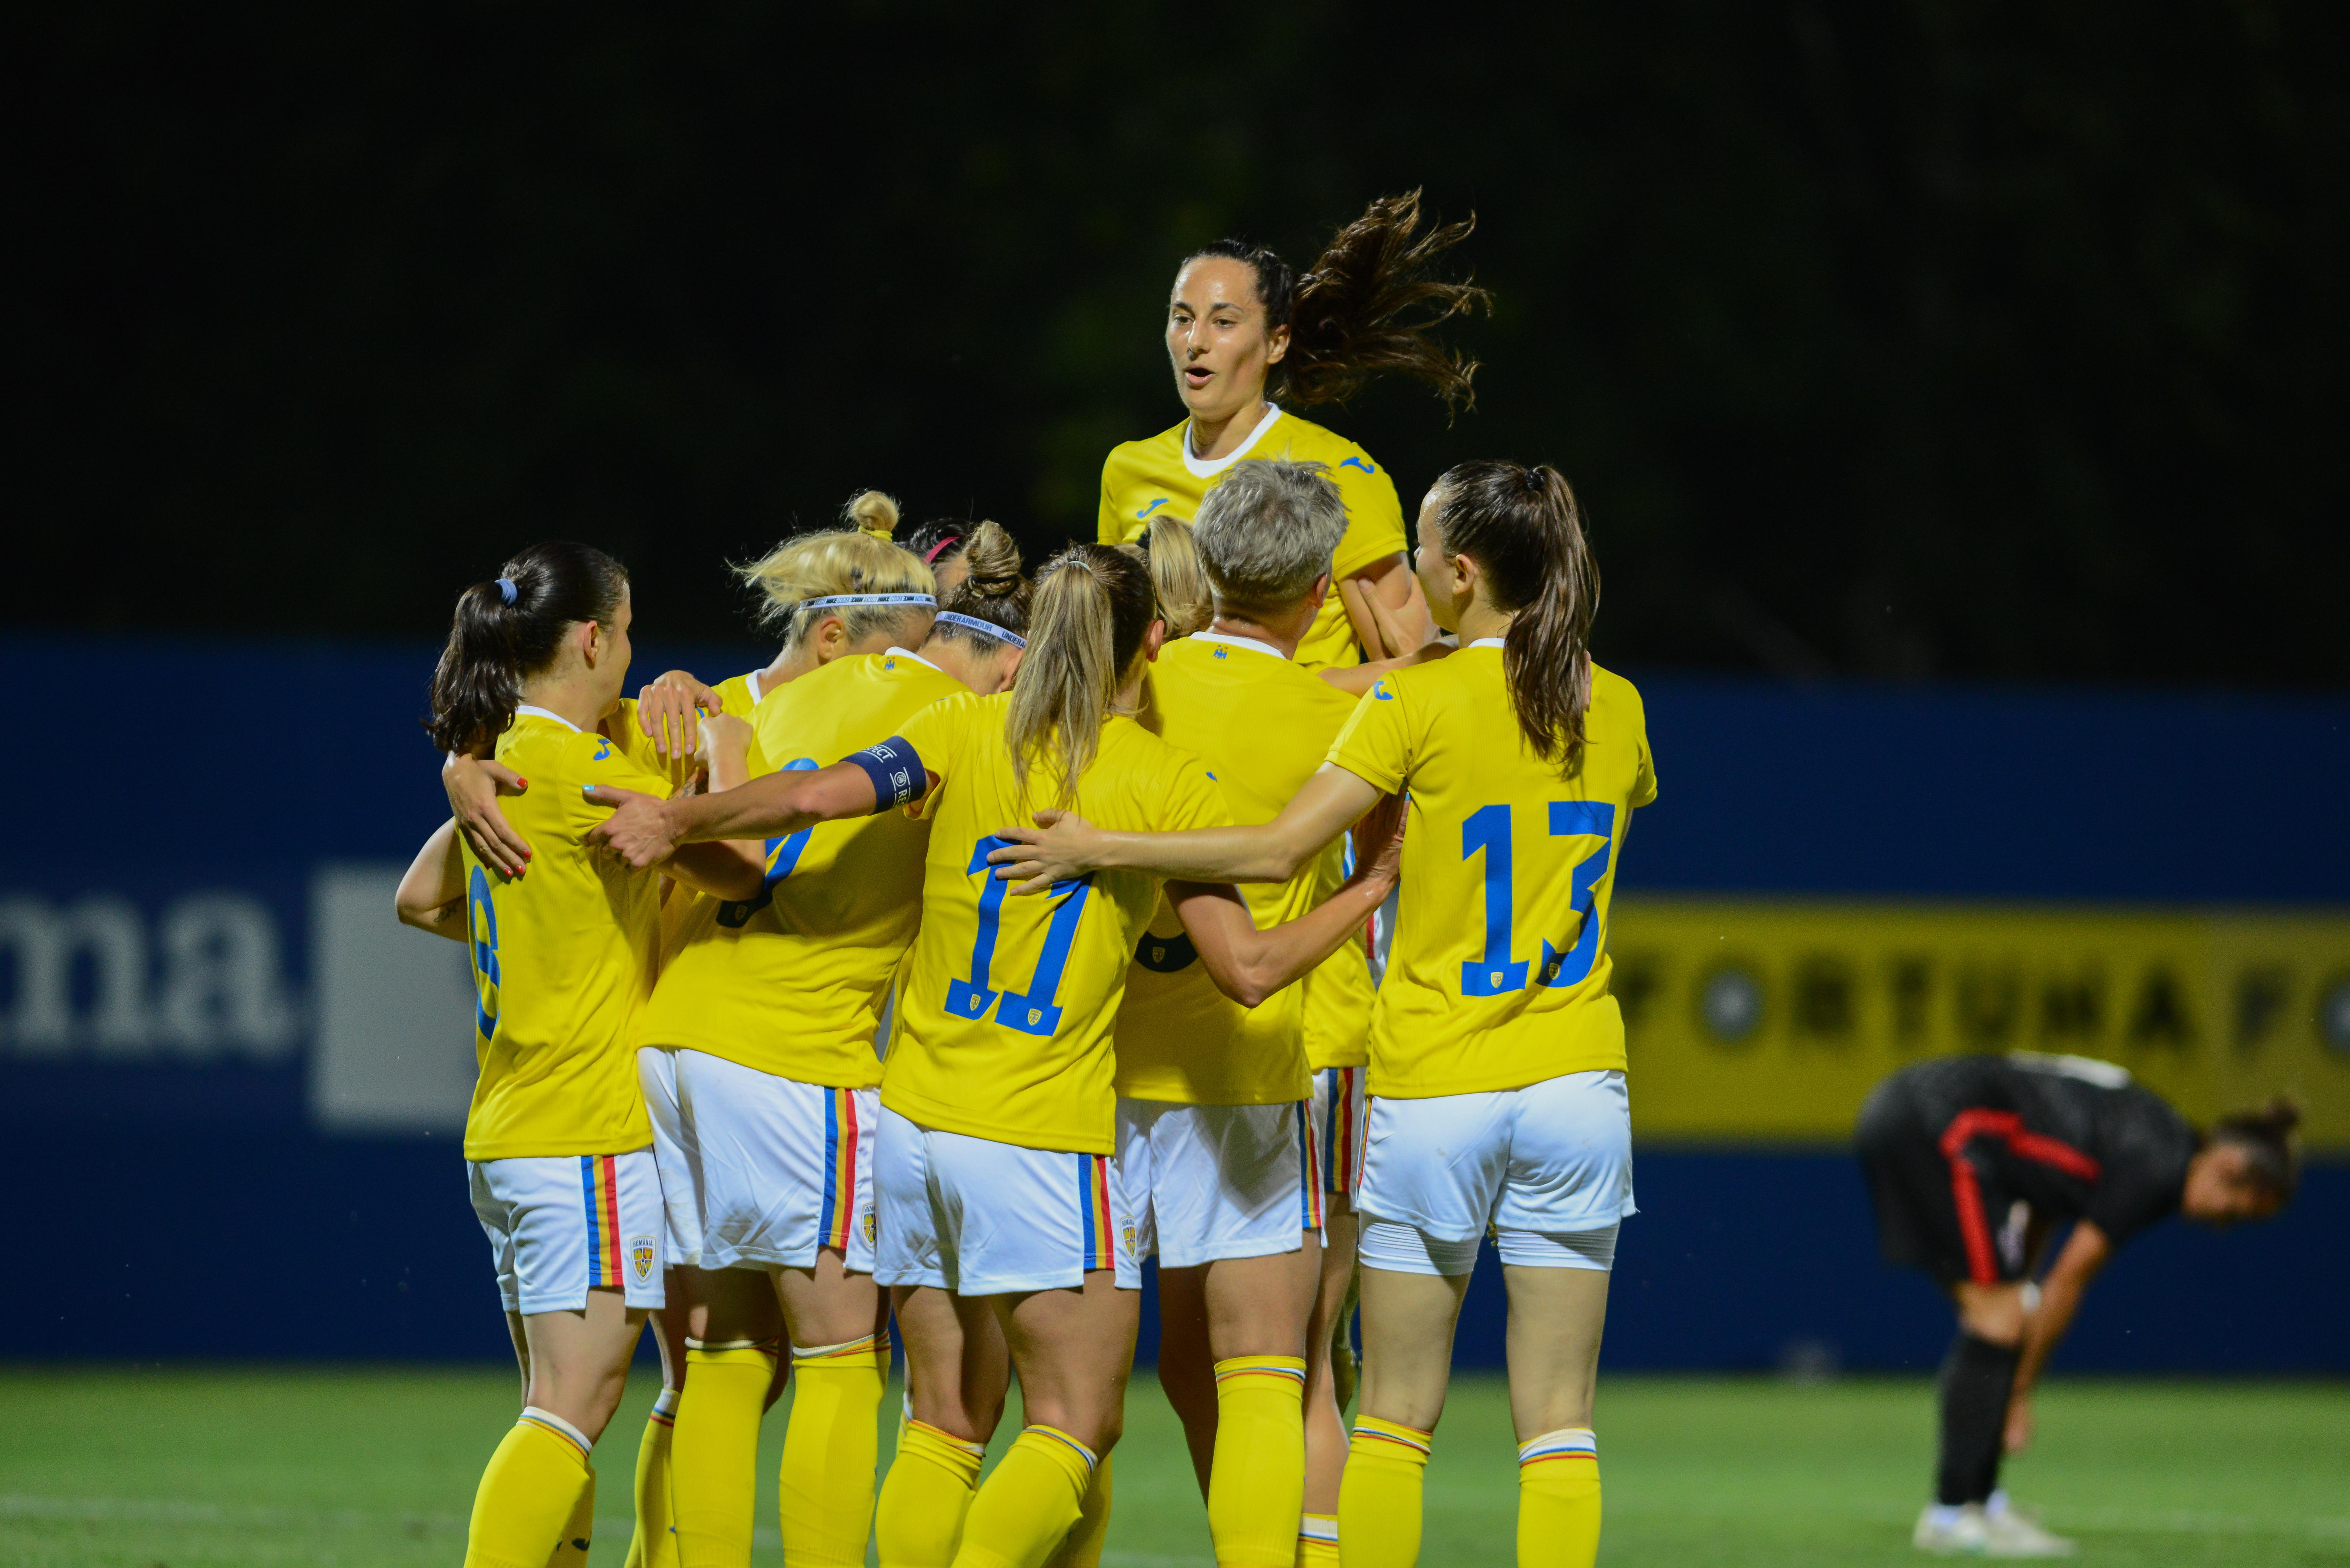 Naționala de fotbal feminin a României, debut cu dreptul la preliminariile CM 2023! Victorie cu Croația, pe teren propriu